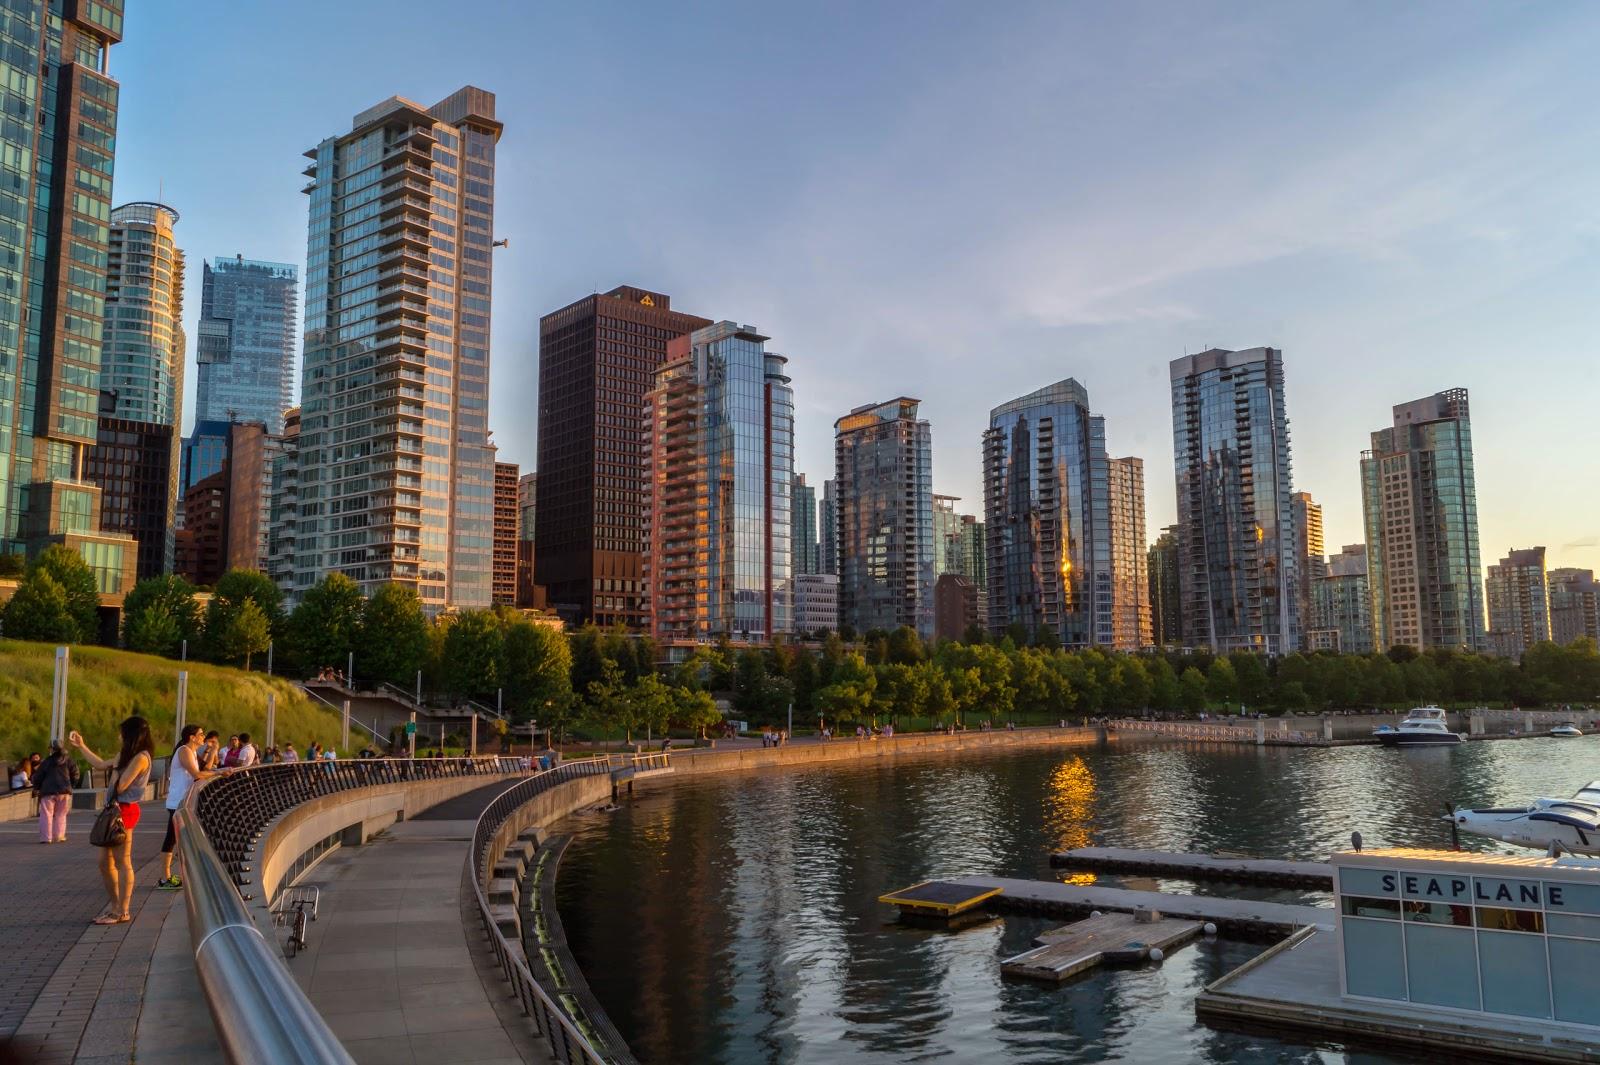 панорамный вид на Даунтаун Ванкувера